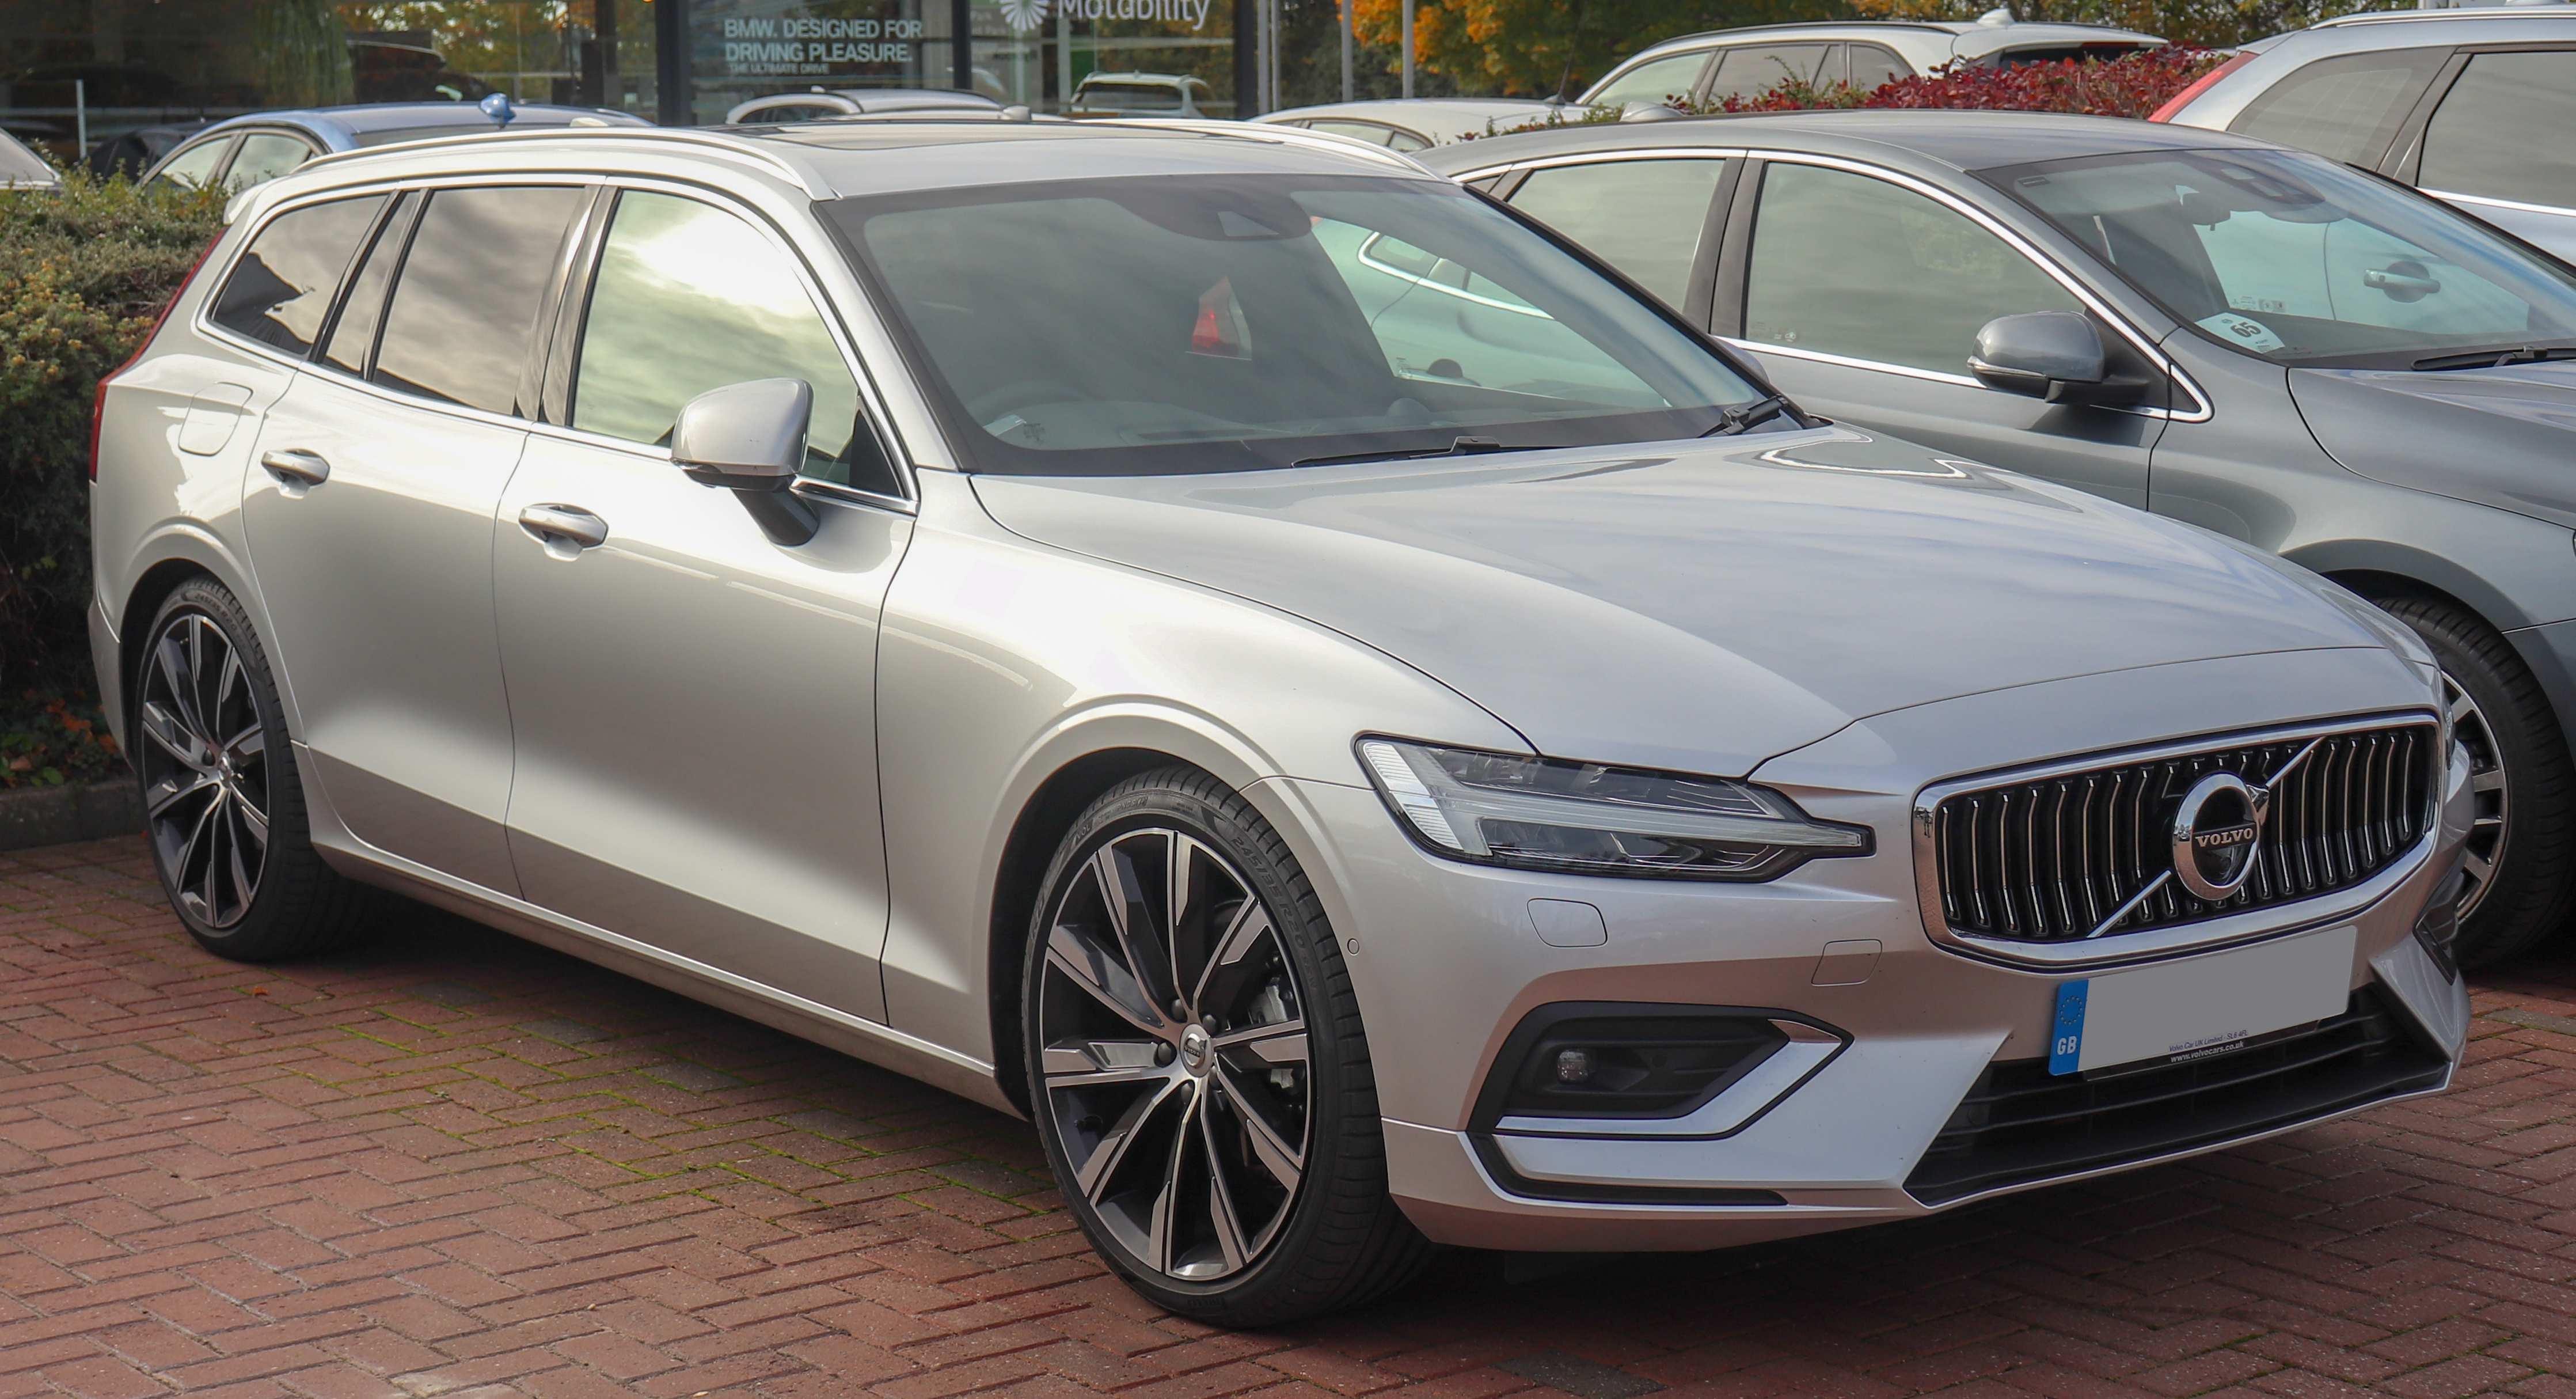 28 The The Nieuwe Modellen Volvo 2019 Price Release for The Nieuwe Modellen Volvo 2019 Price